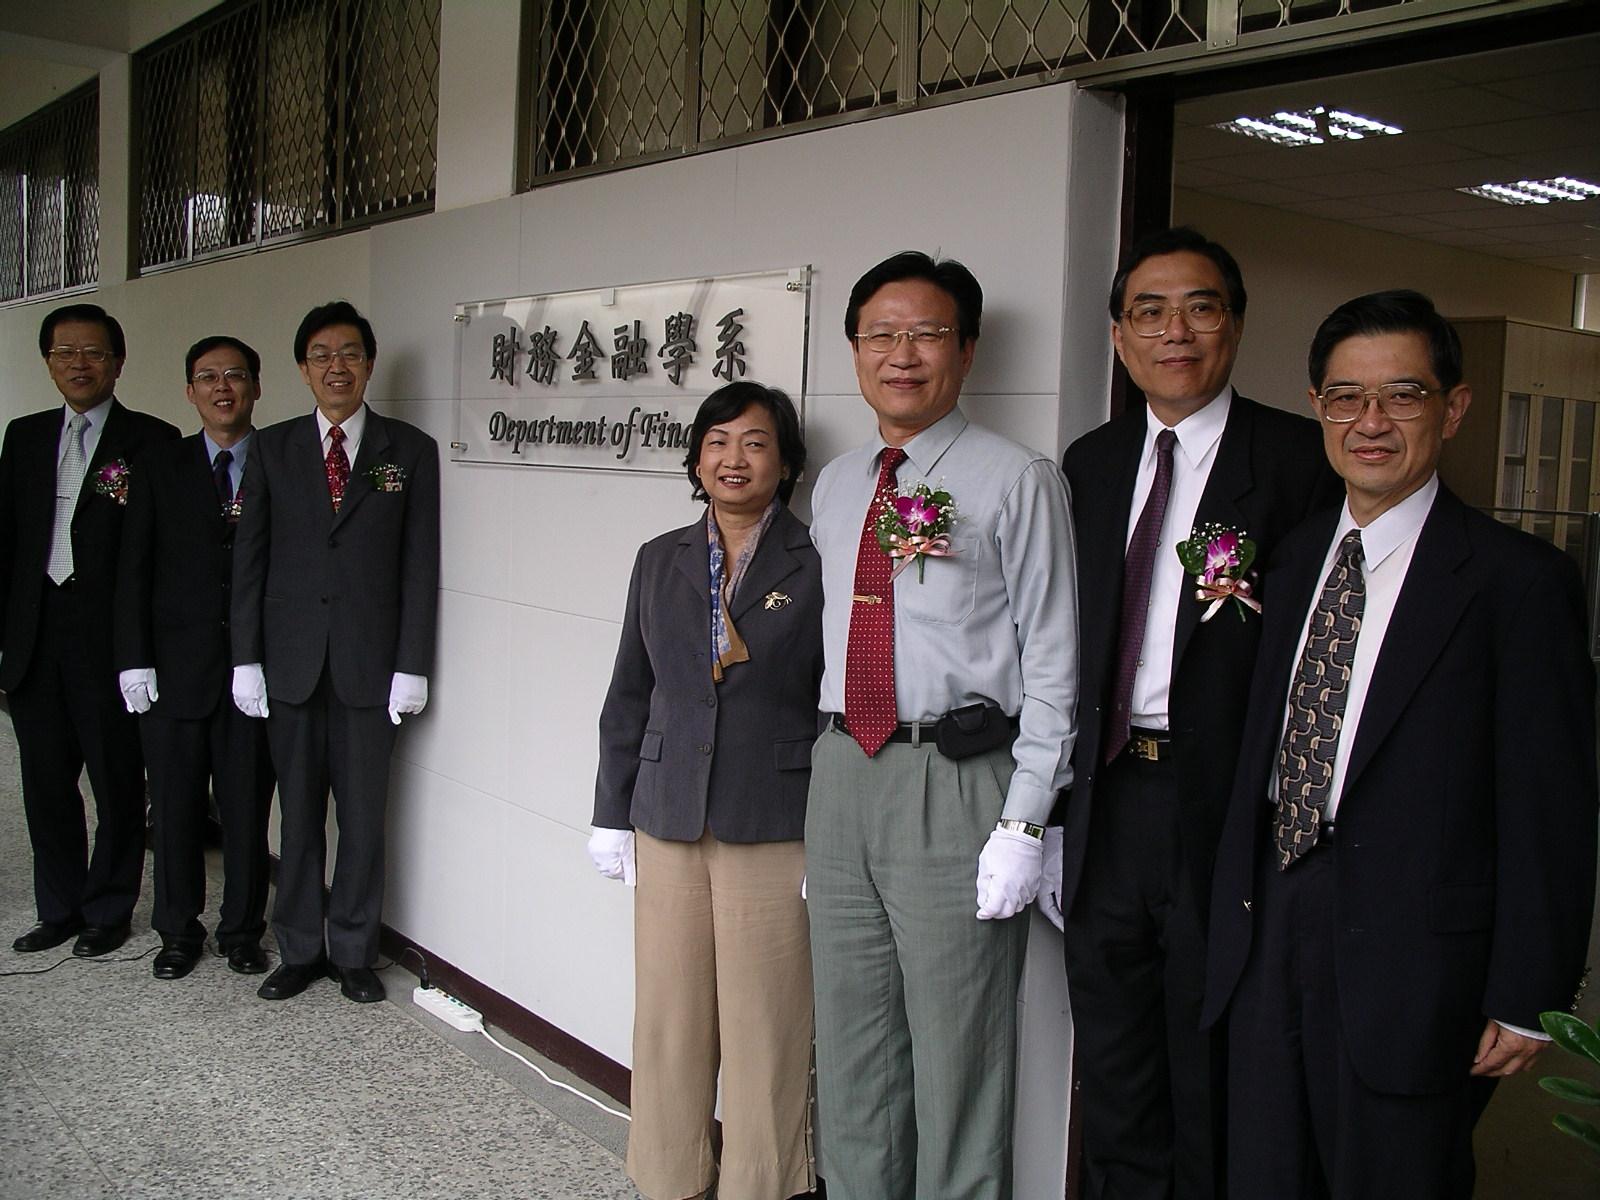 中原大學財務金融學系創系大會